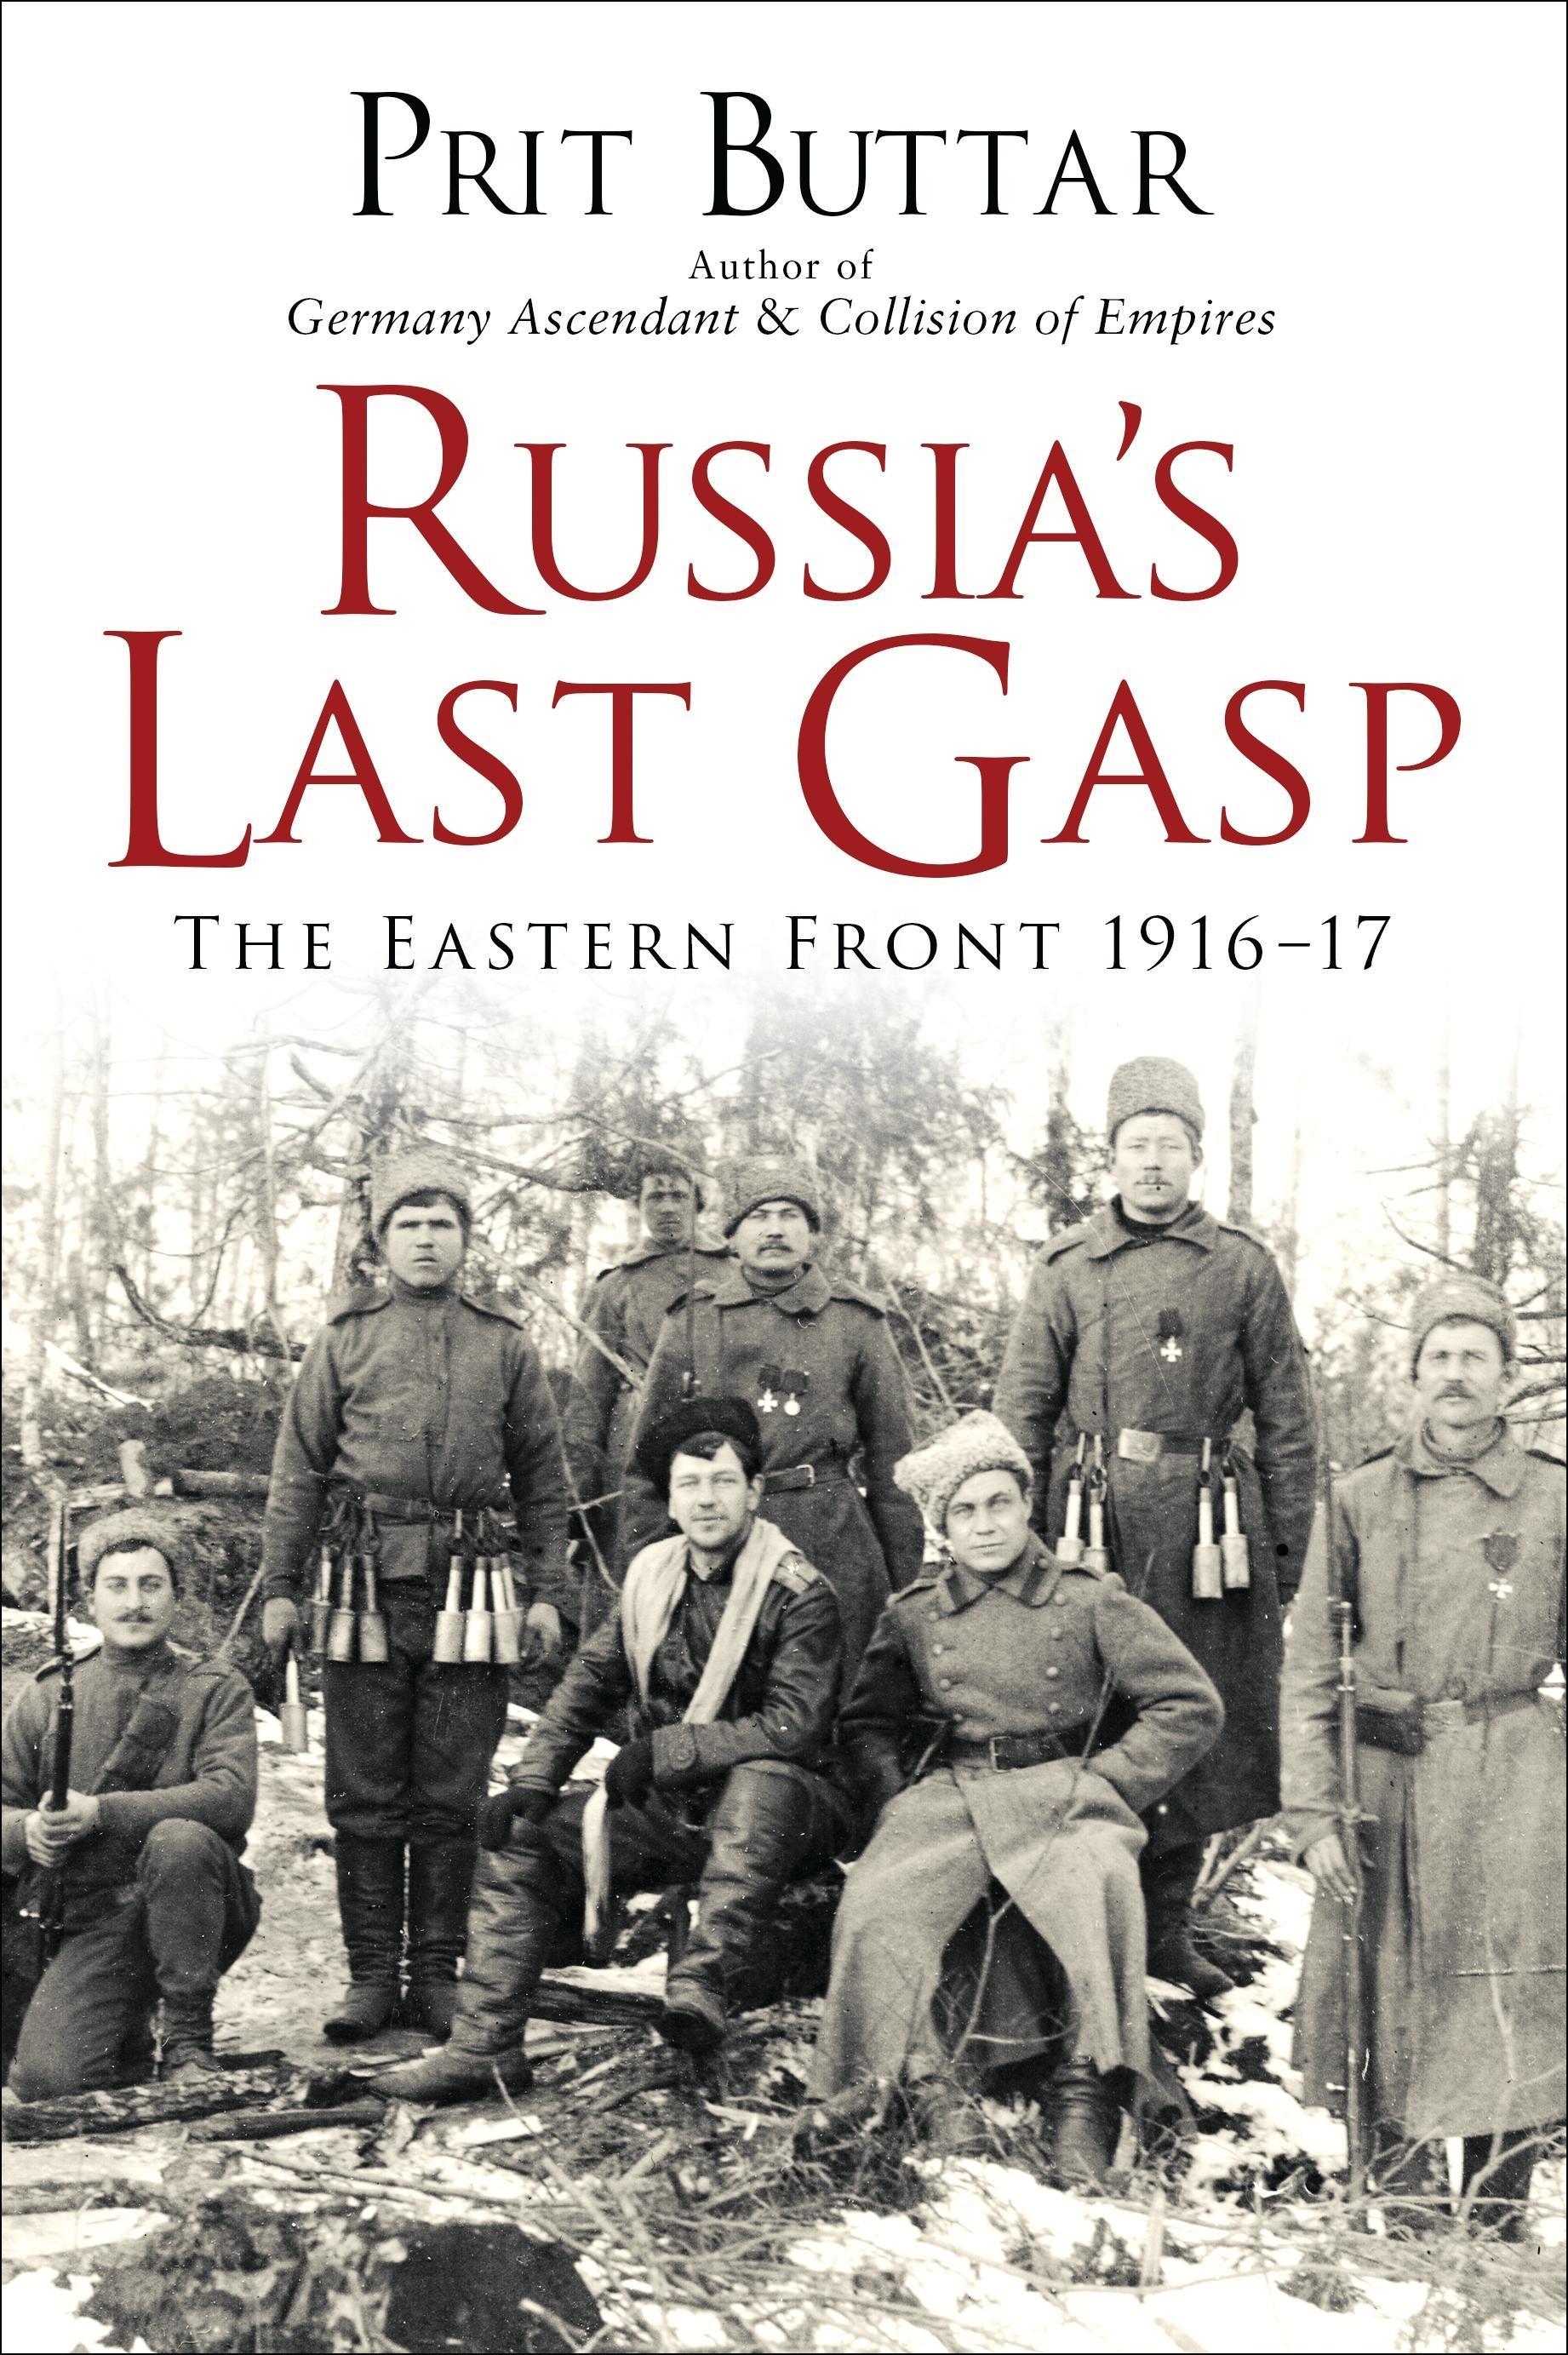 Russia's Last Gasp   Prit Buttar    9781472812766